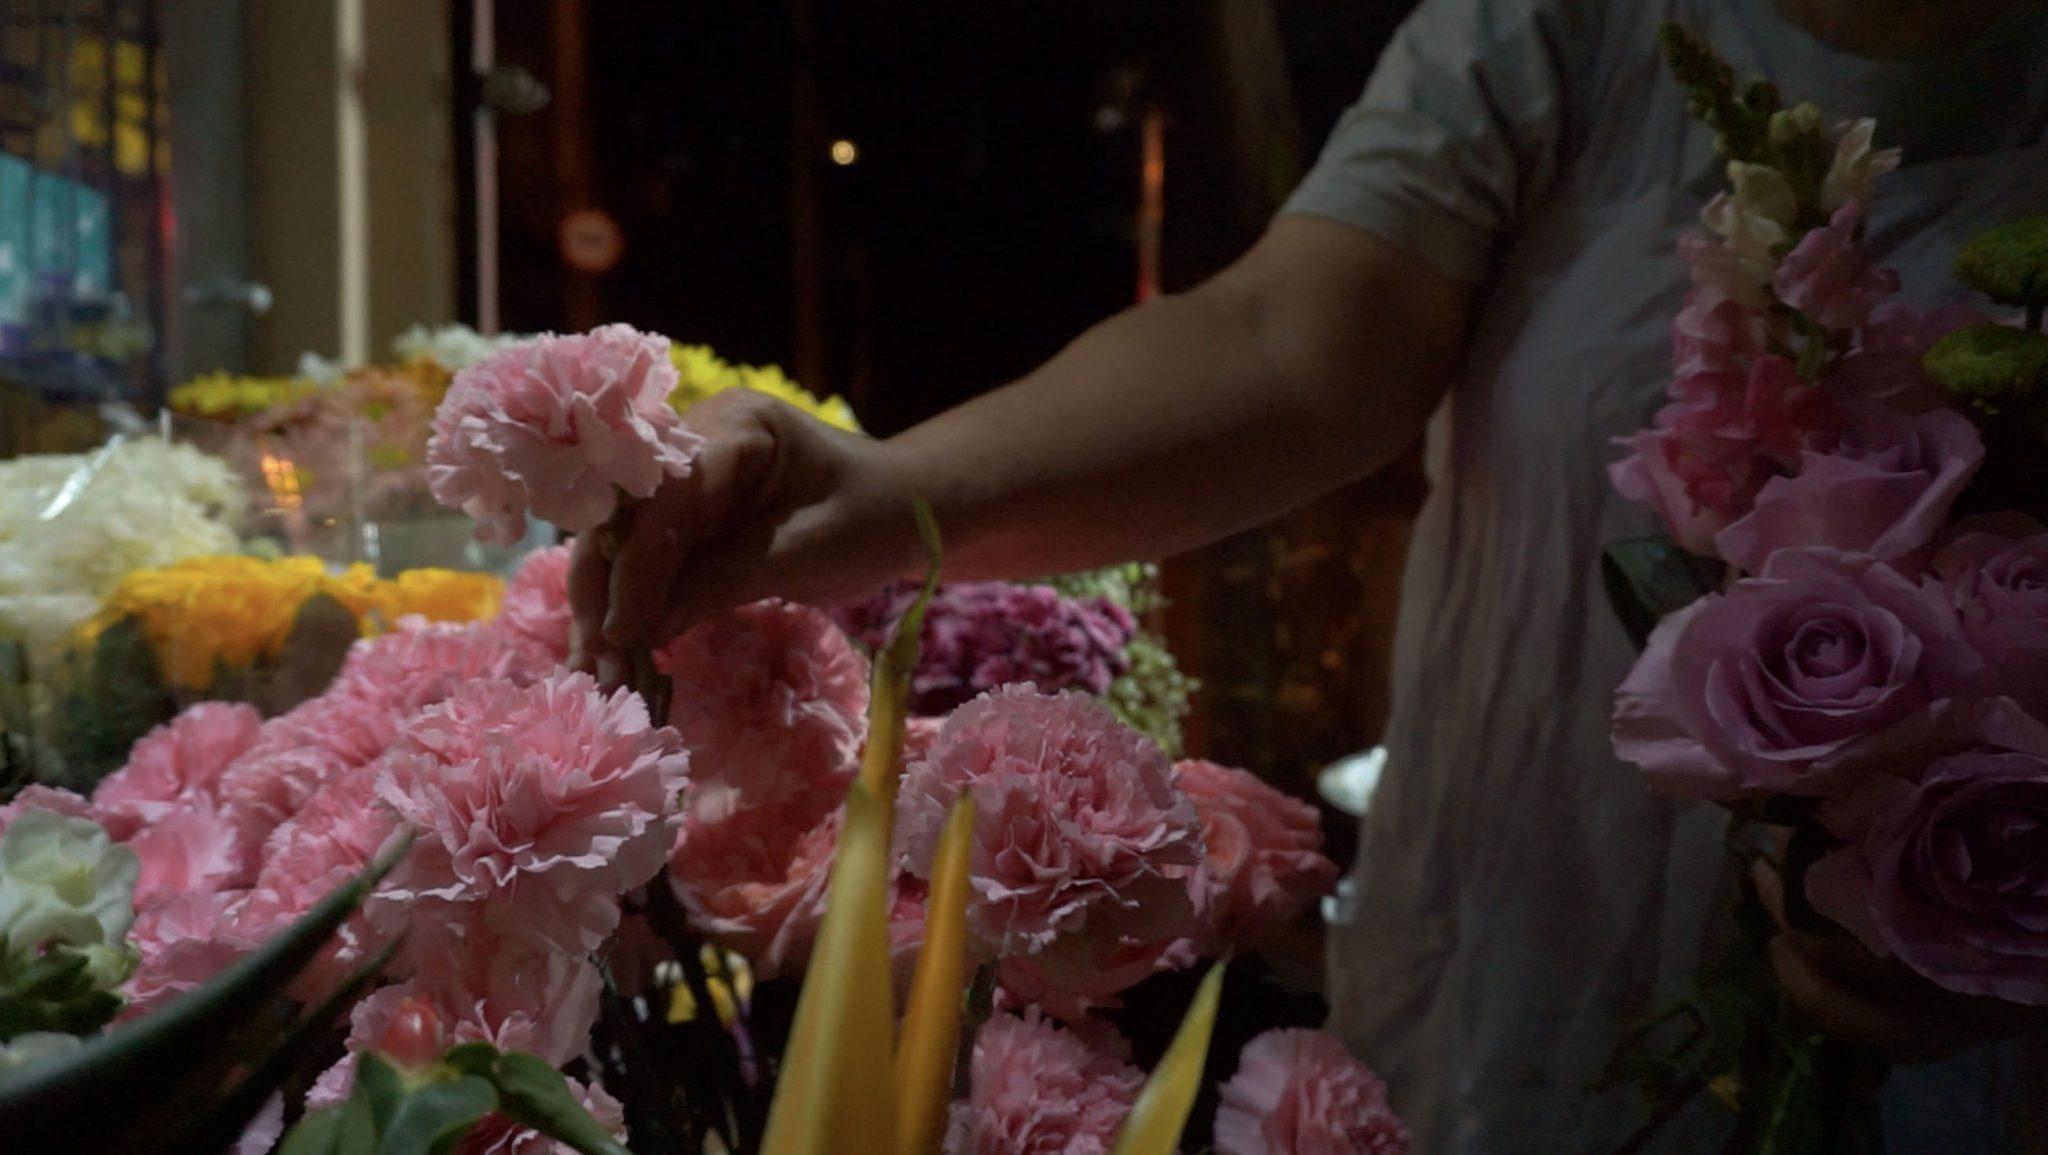 Em vez de flores, marido abre floricultura para surpreender esposa internada e transforma suas vidas 4